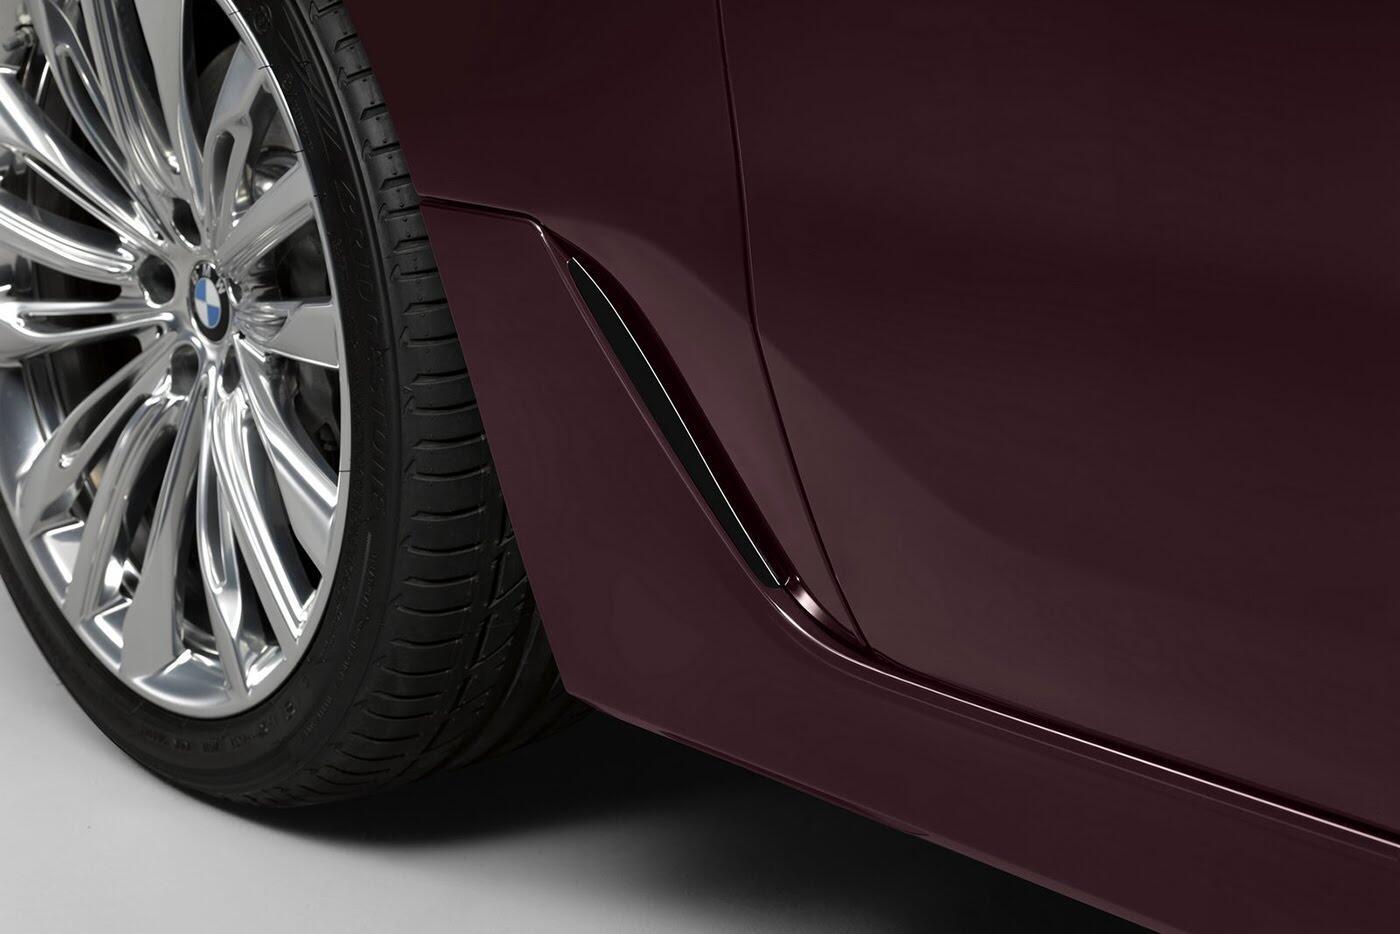 Xem thêm ảnh BMW 6-Series Gran Turismo 2018 - Hình 23